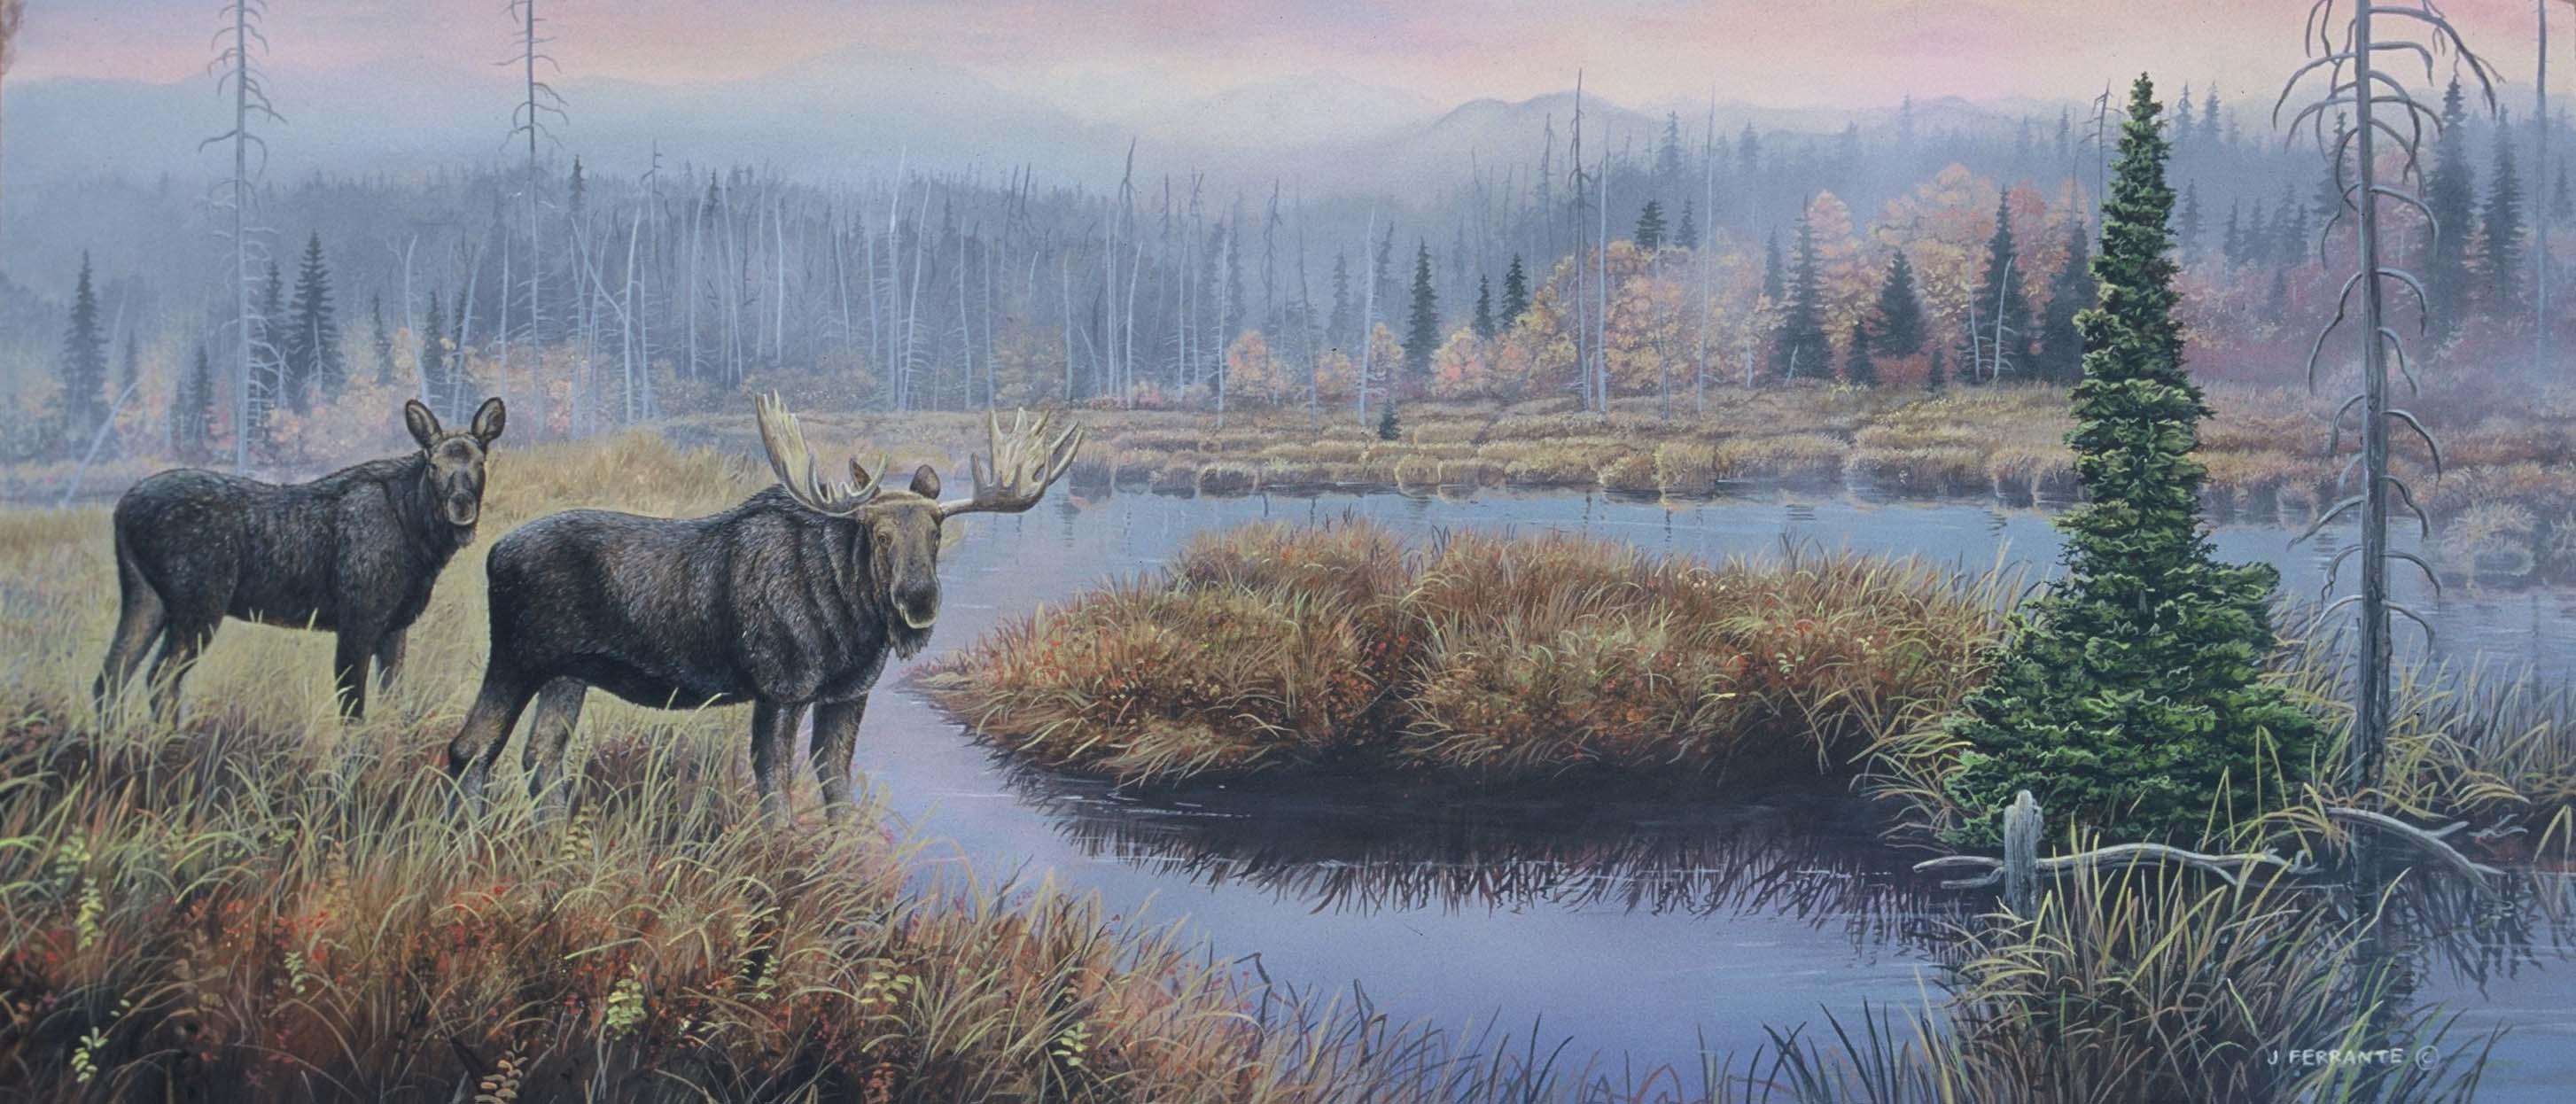 Bull & cow moose